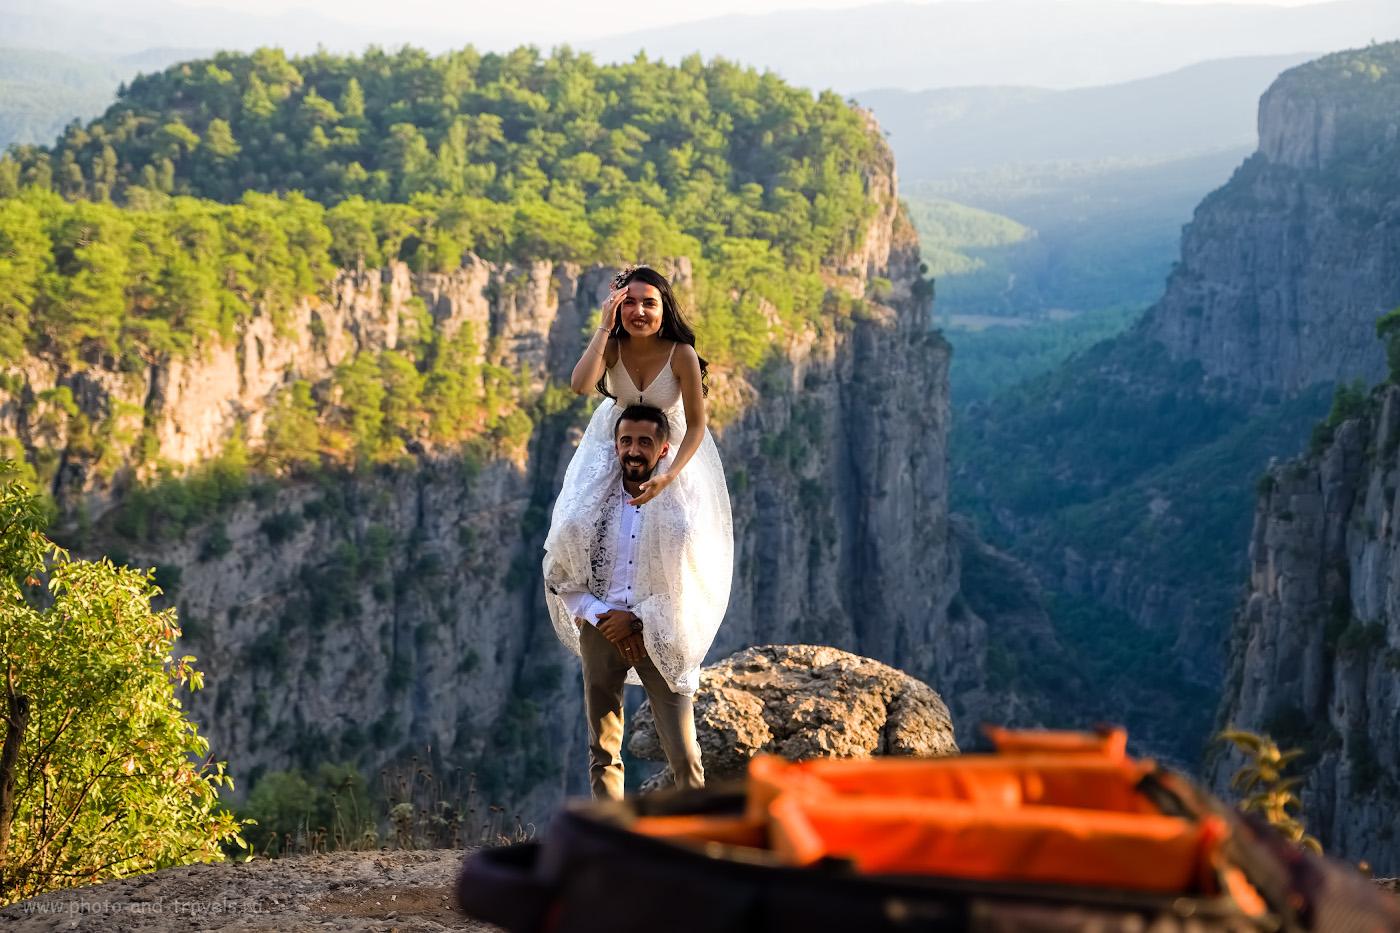 20. Свадебная фотосессия в Турции. Какое интересное место выбрать? 1/750, 2.8, 200, -0.67, 38.